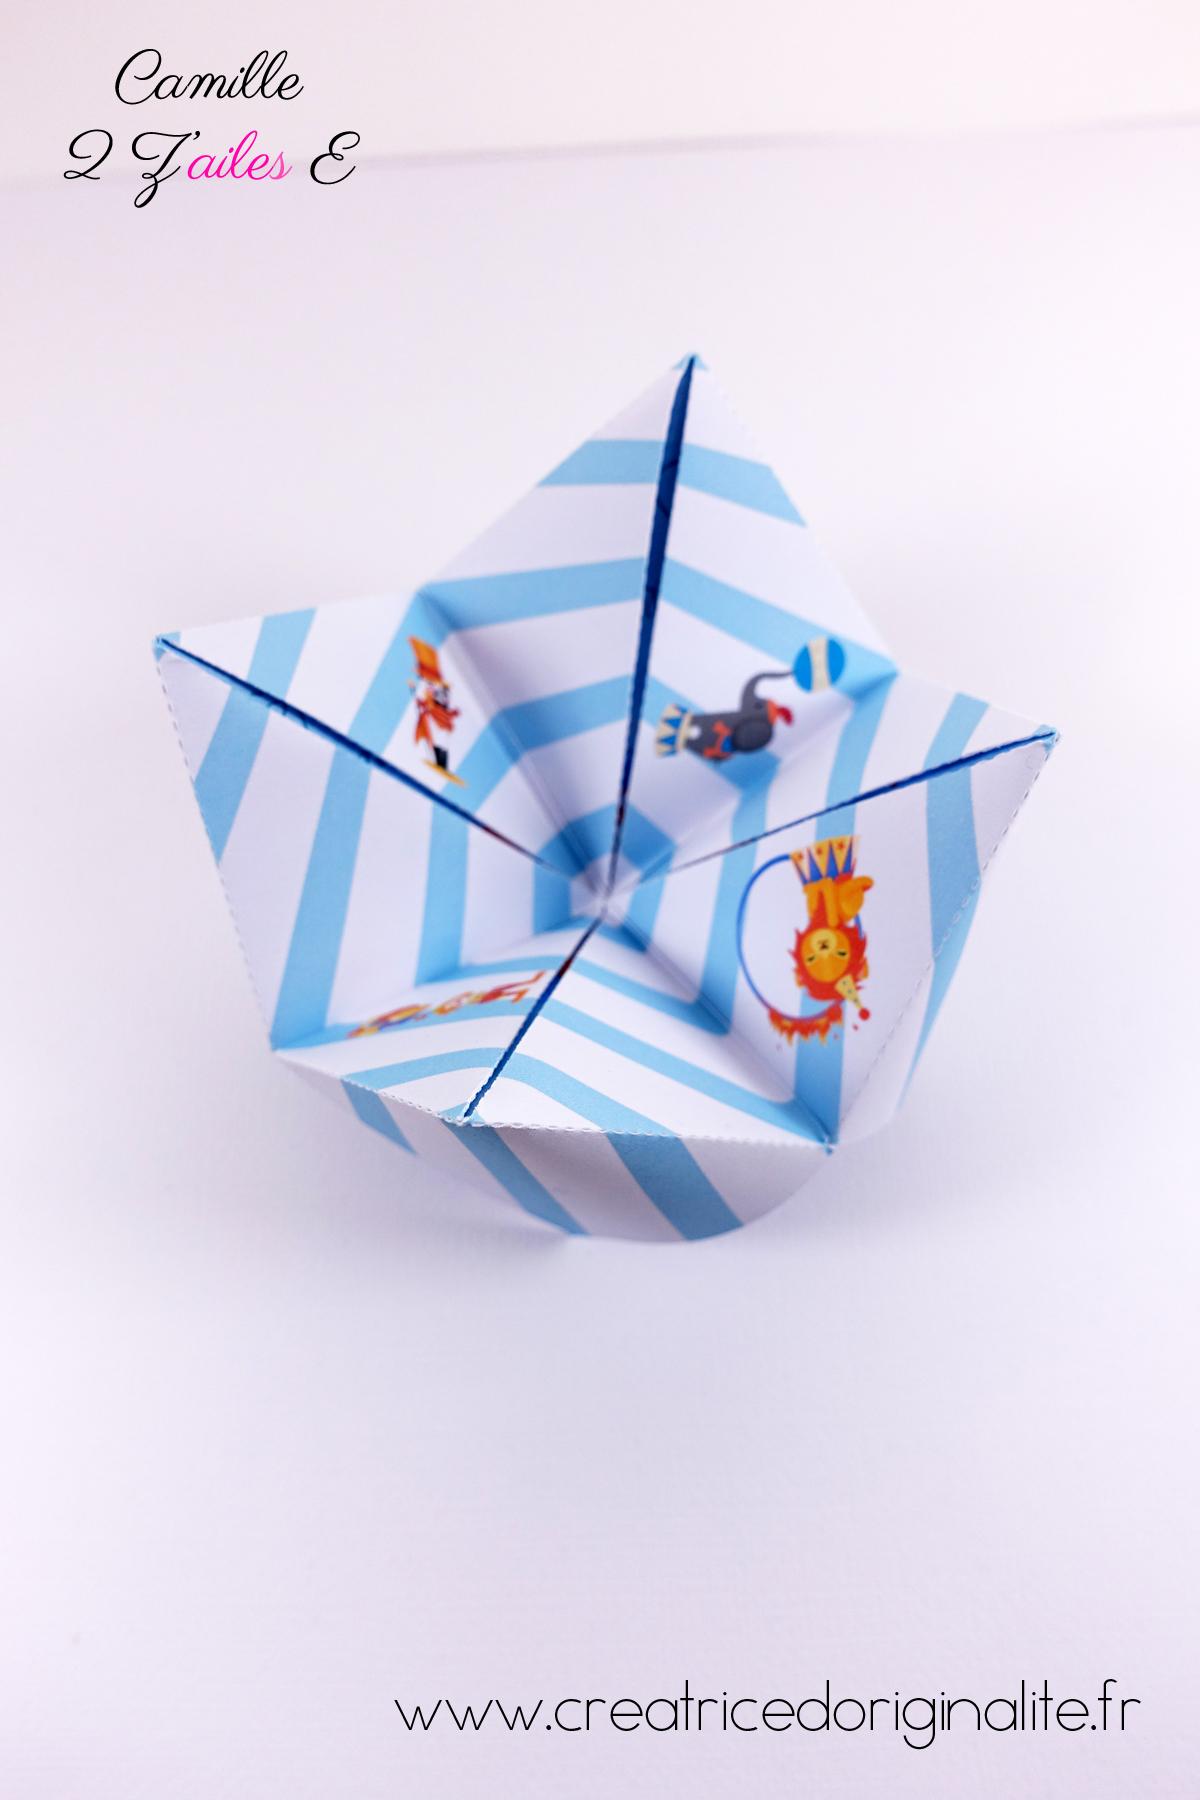 Gut bekannt Faire-part de naissance Cocotte – thème cirque | Camille 2 z  AH33